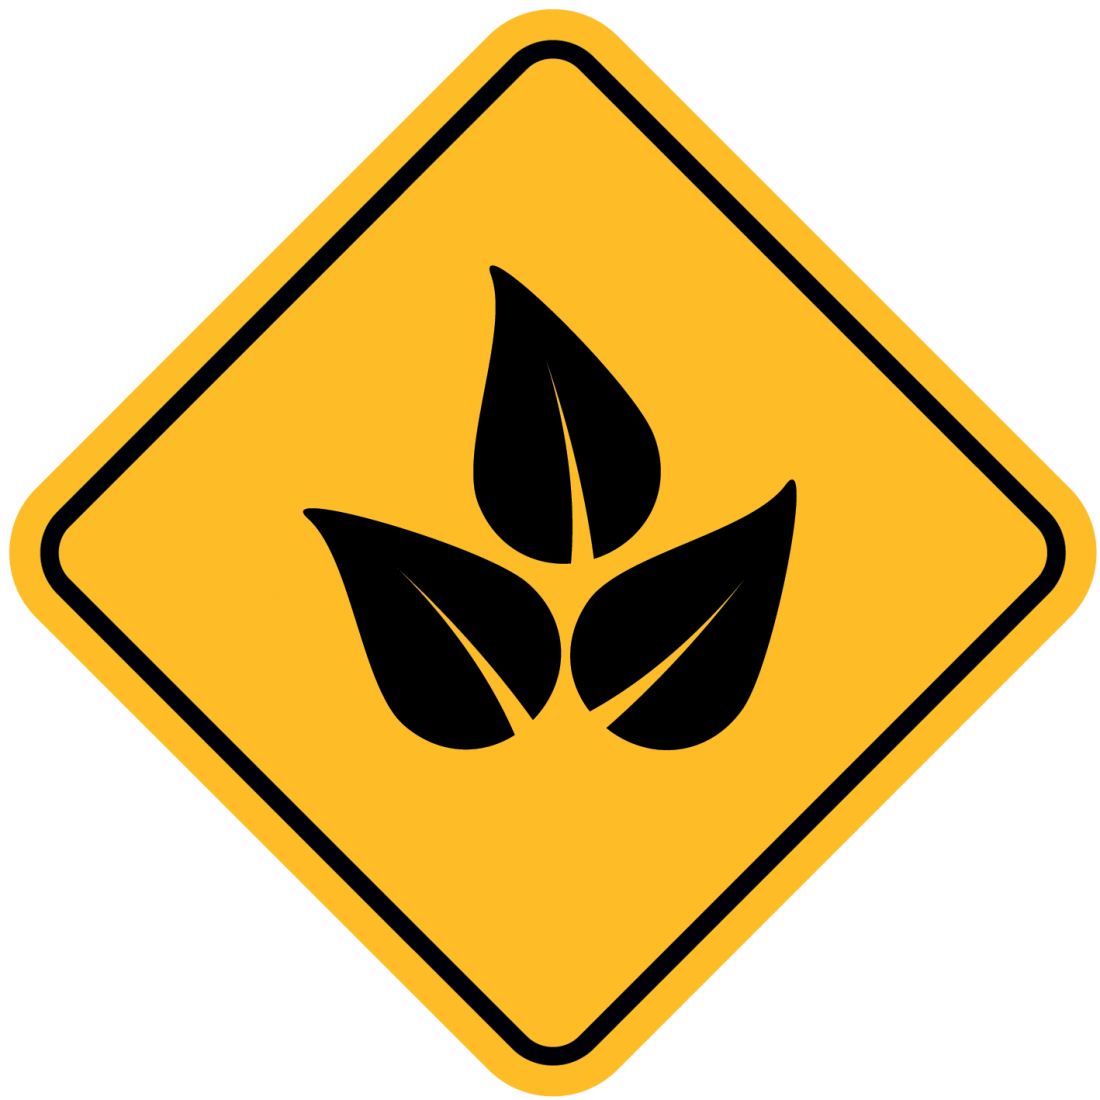 plant danger